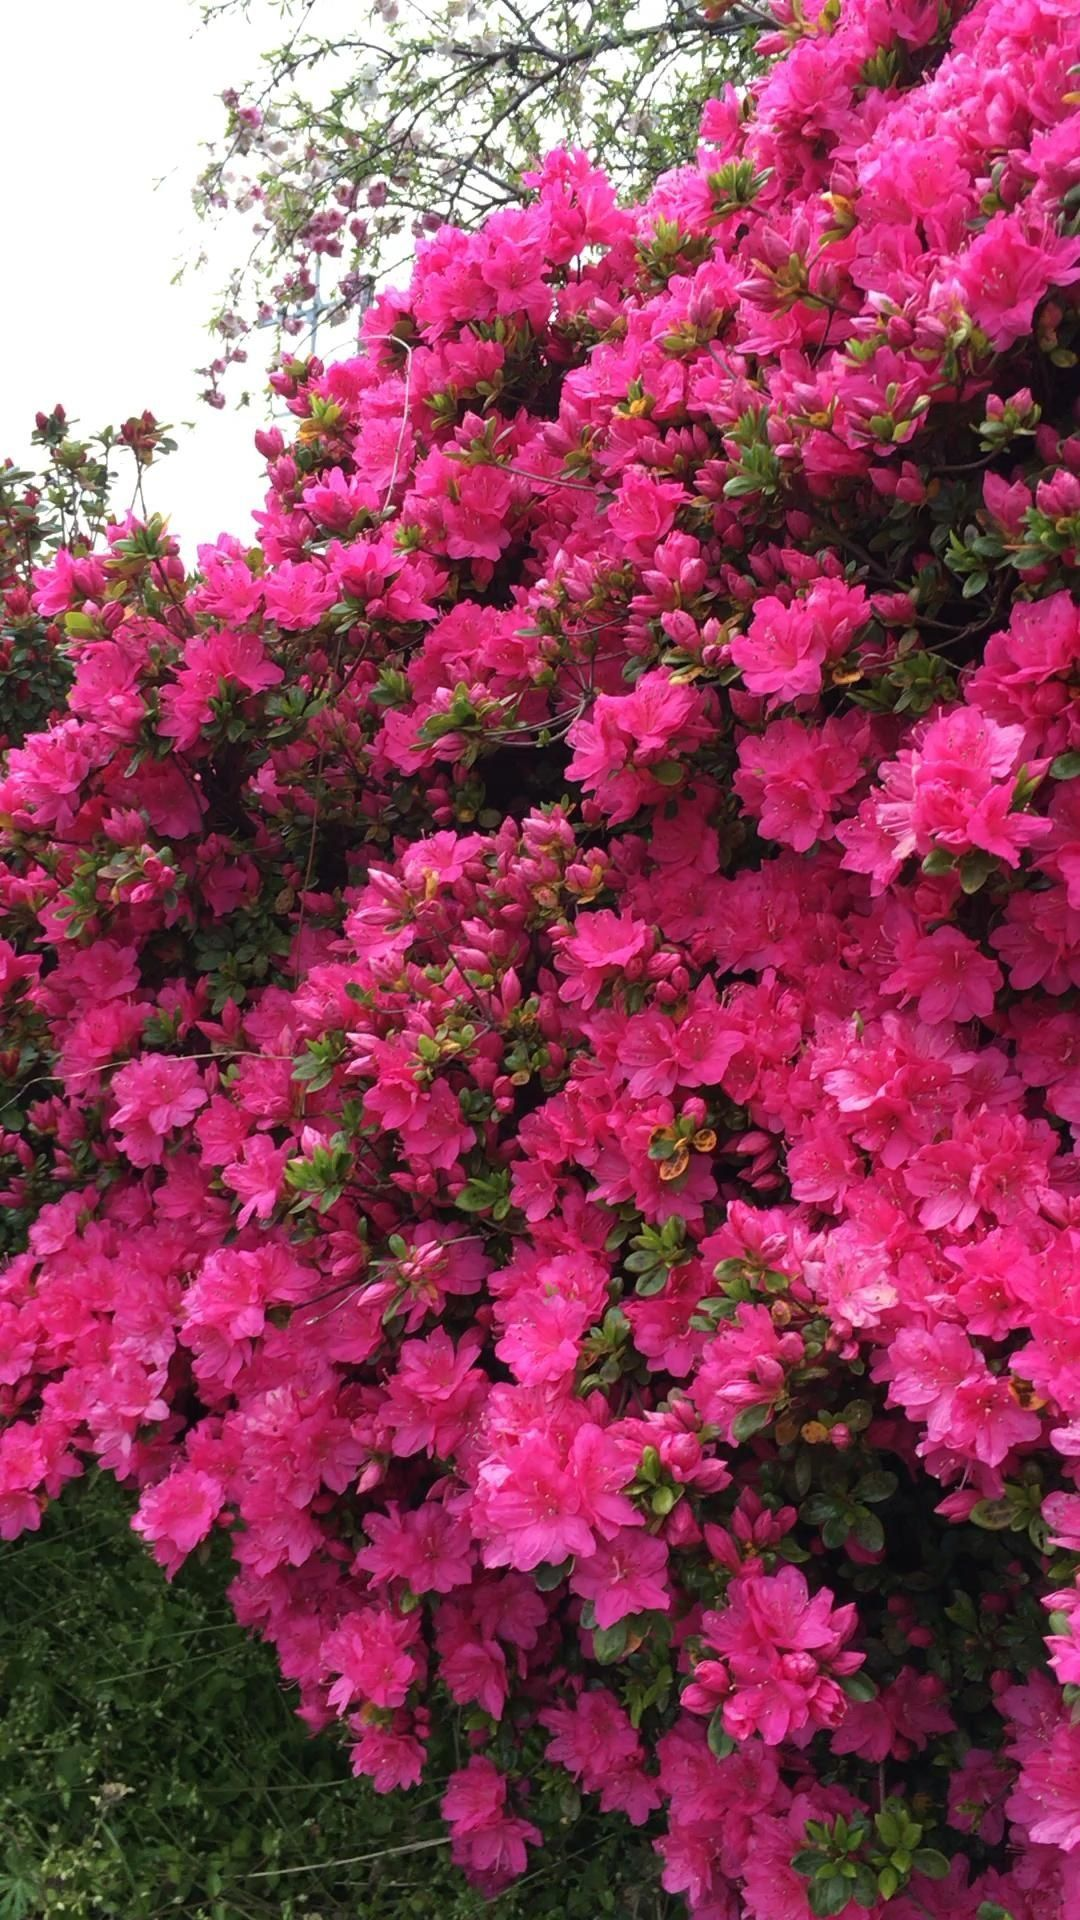 azaleas blooming 1000 in 2020 Azaleas landscaping